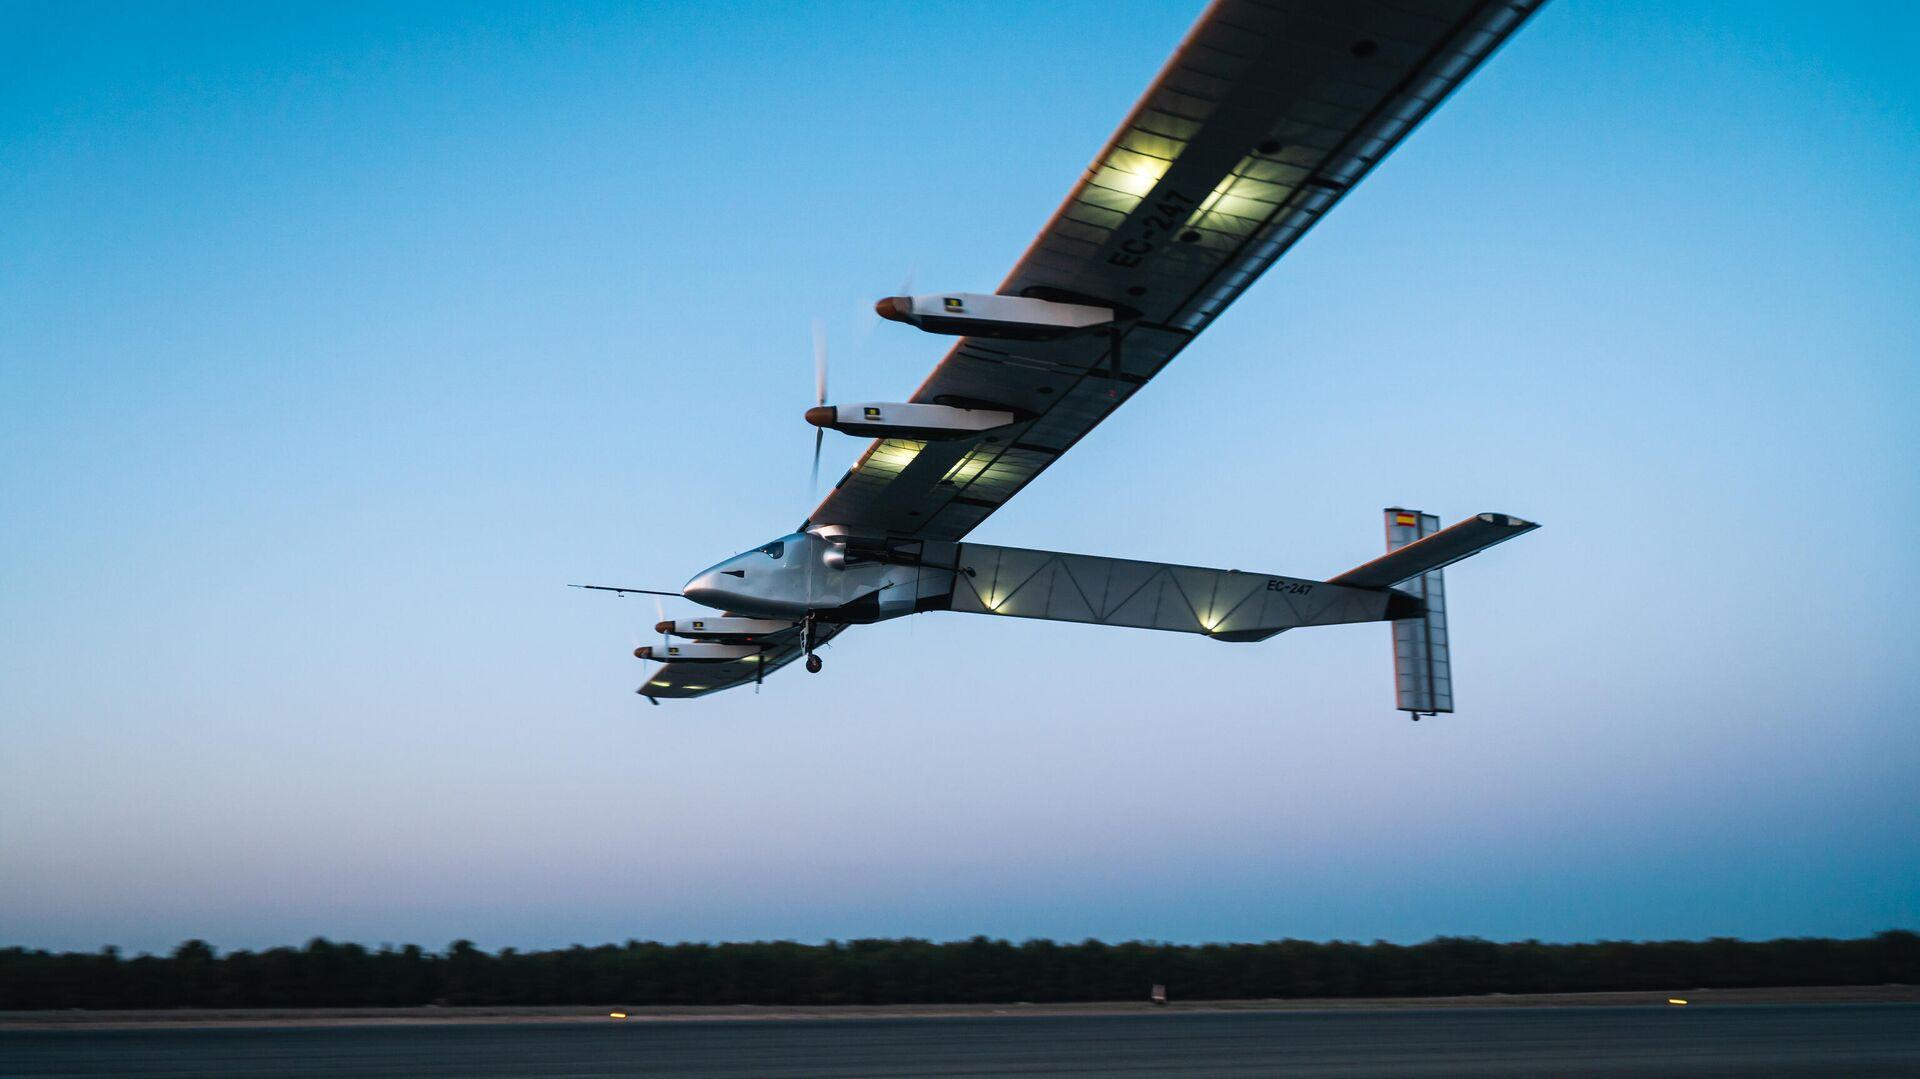 El avión del futuro se fabrica en España - Sputnik Mundo, 1920, 01.06.2021